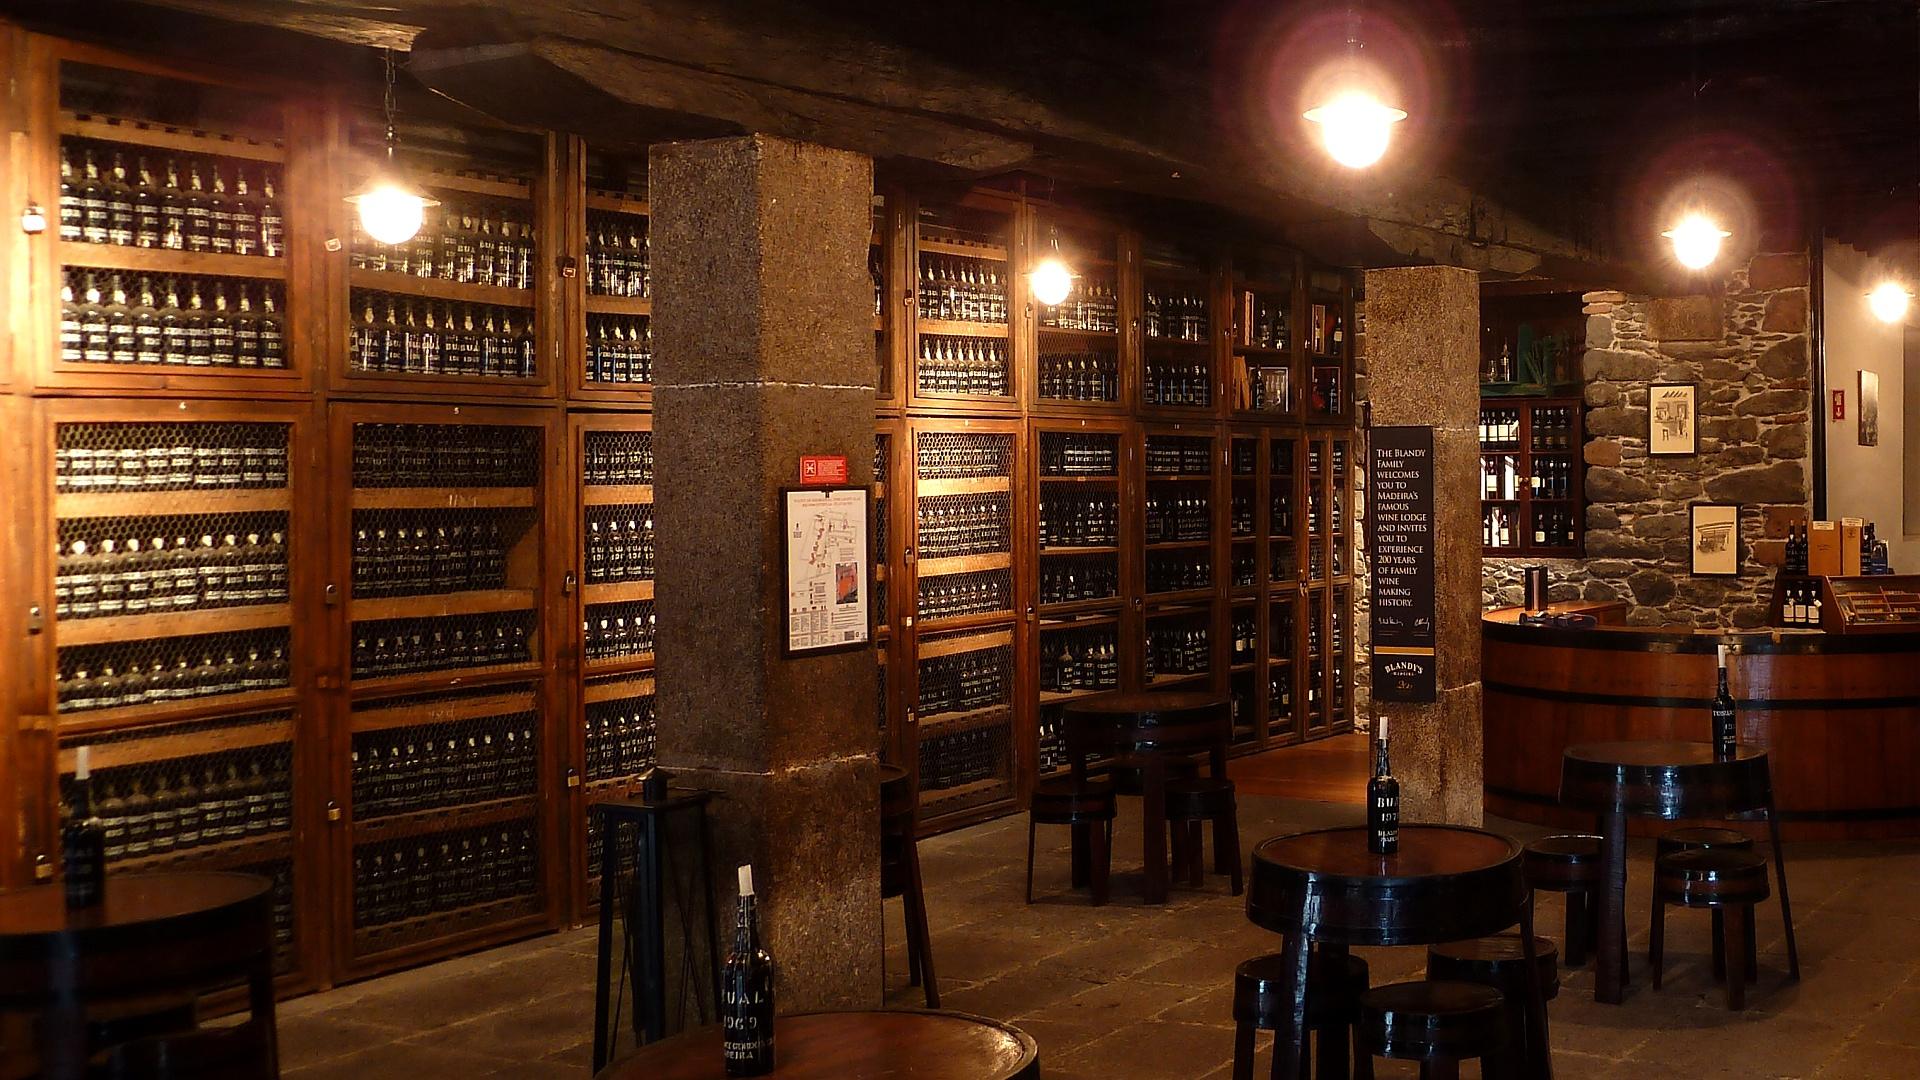 J'ai remplacé ma cave à vin avec caveavin.net